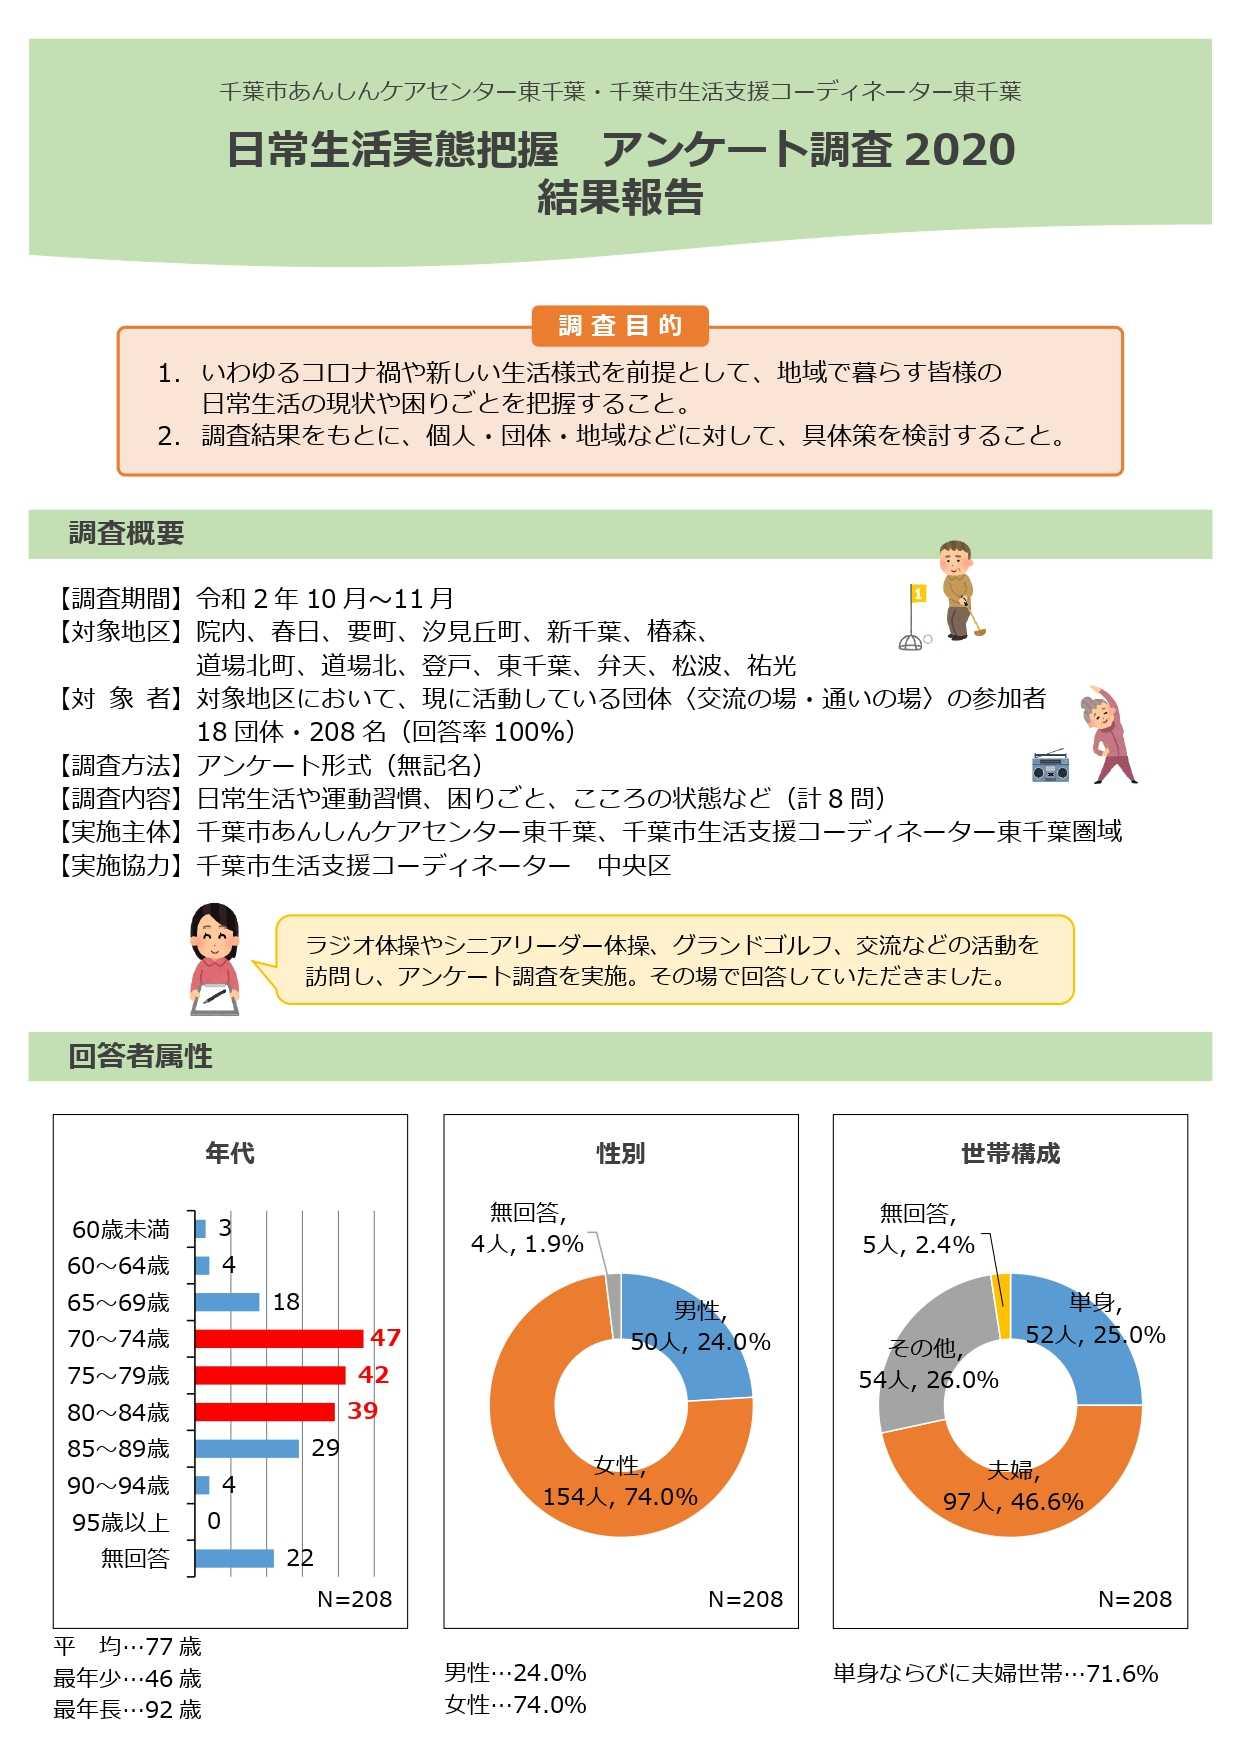 【活動報告】日常実態把握アンケート調査 結果報告